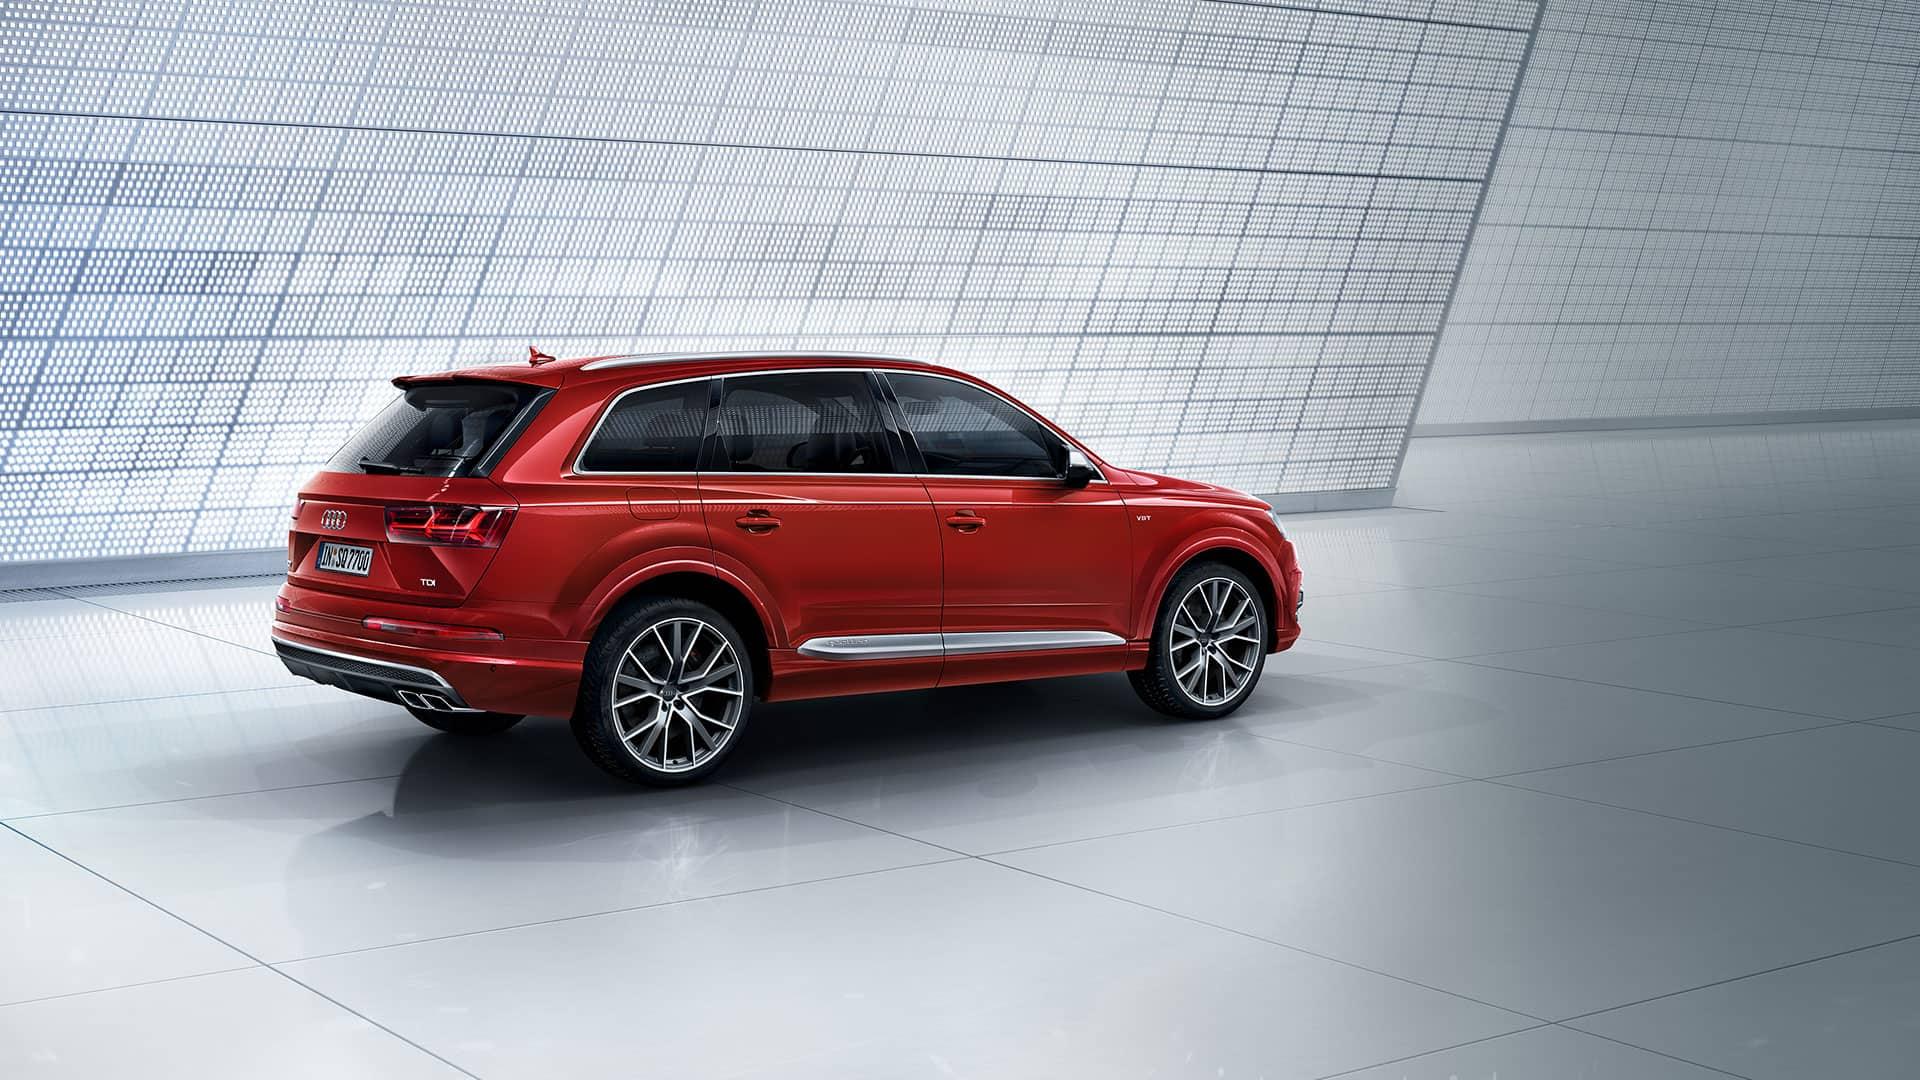 Sq7 Tdi Gt Audi Deutschland